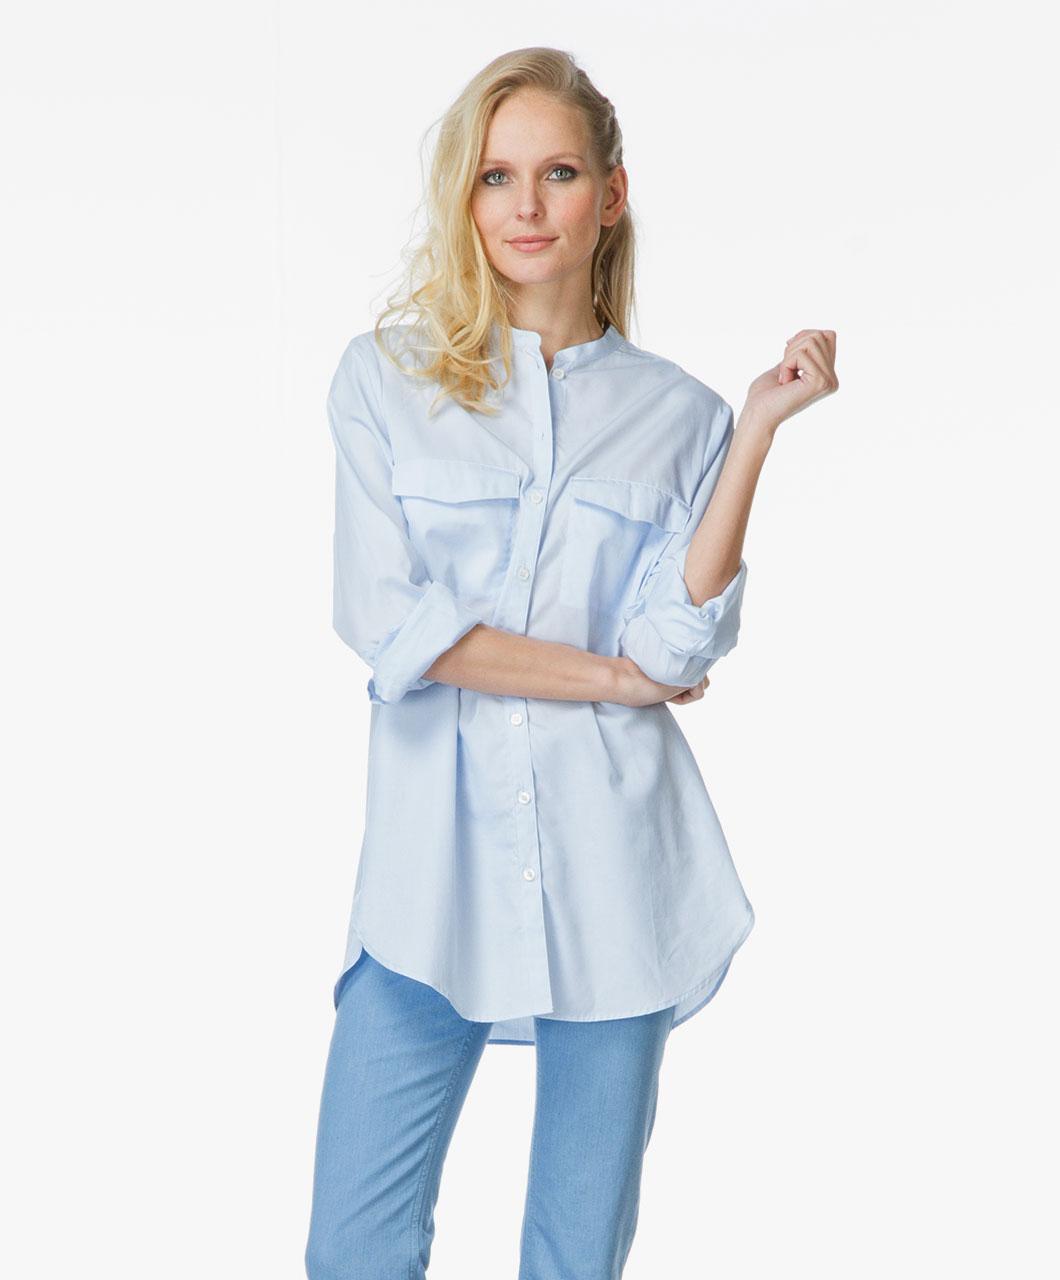 Filippa K Pinstripe Pocket Shirt Light Blue 22870 2238